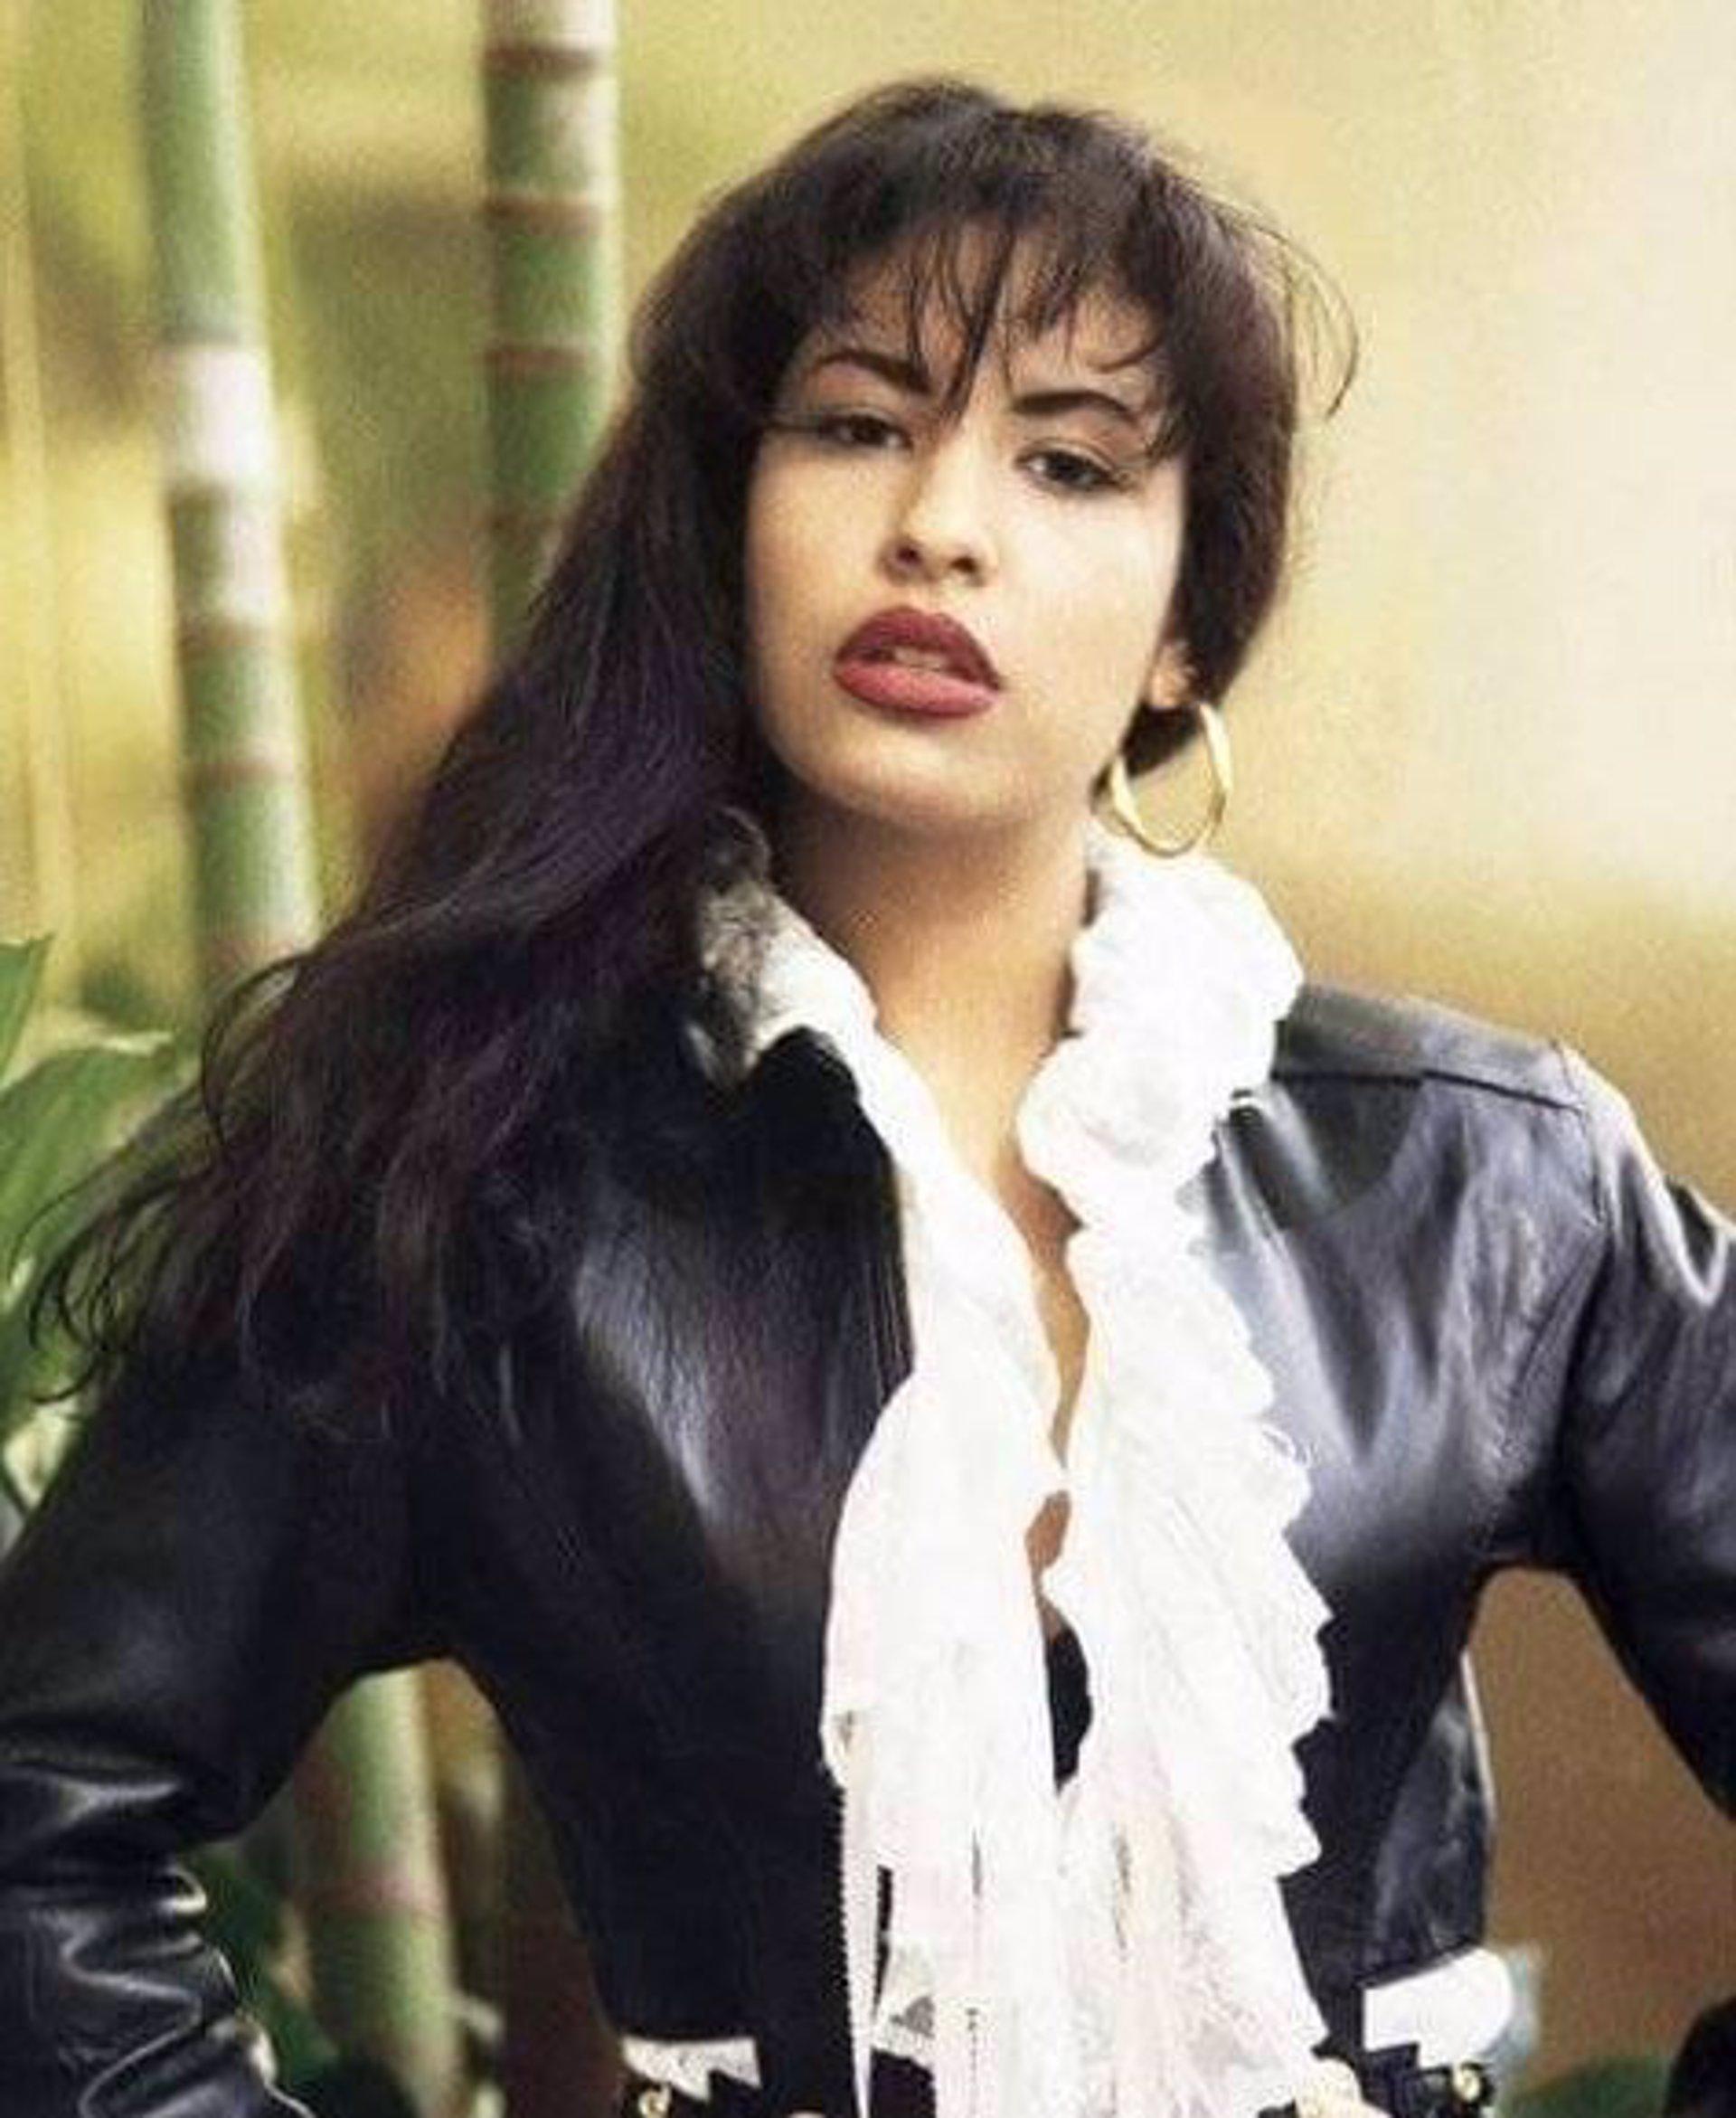 Publican Una Foto Inédita De Selena Quintanilla En Su Funeral